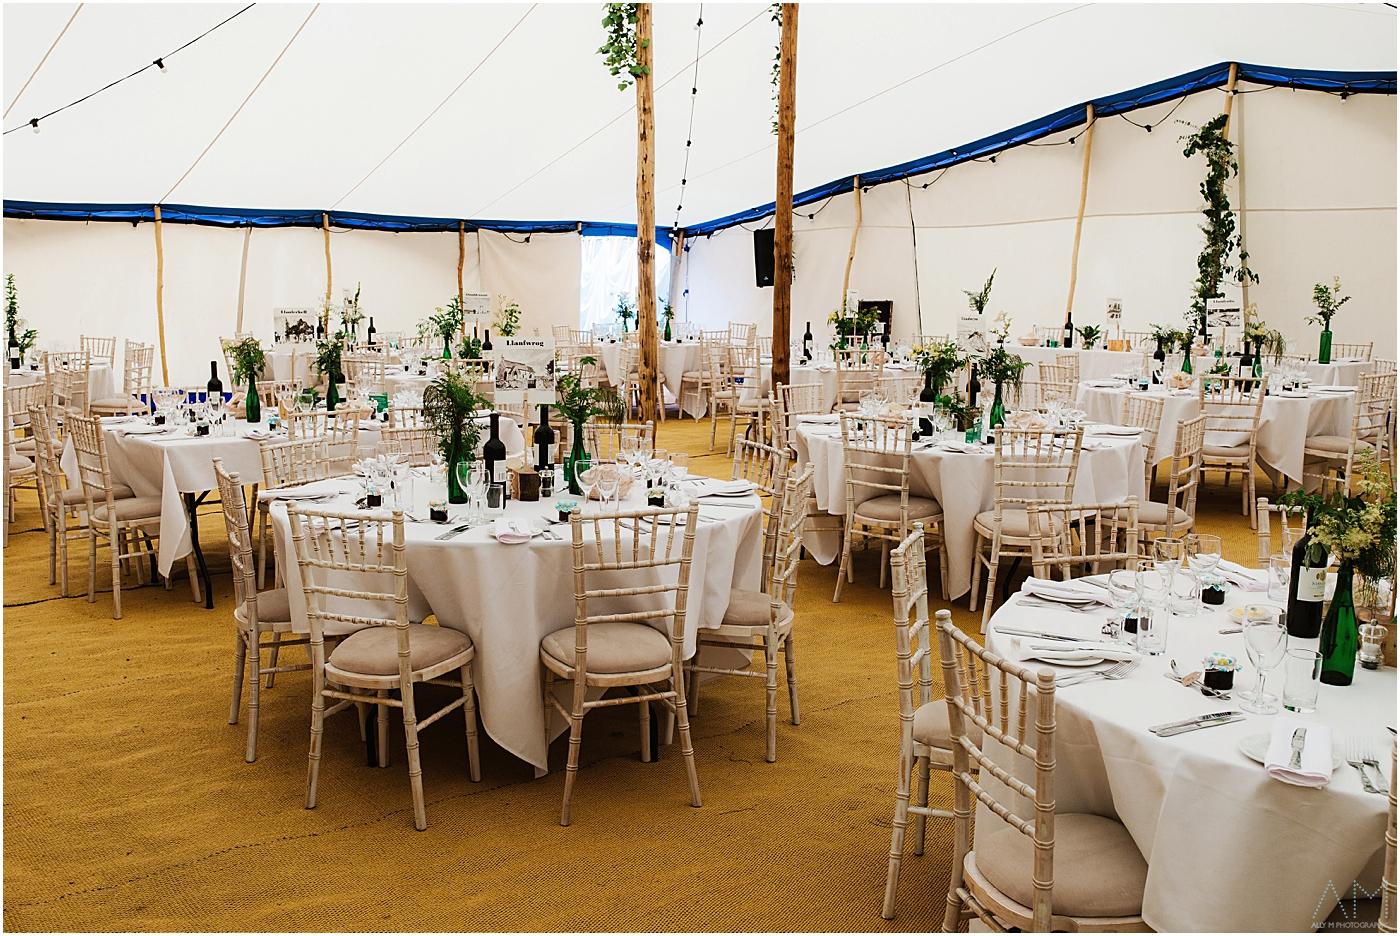 Wedding tent at Carreglwyd